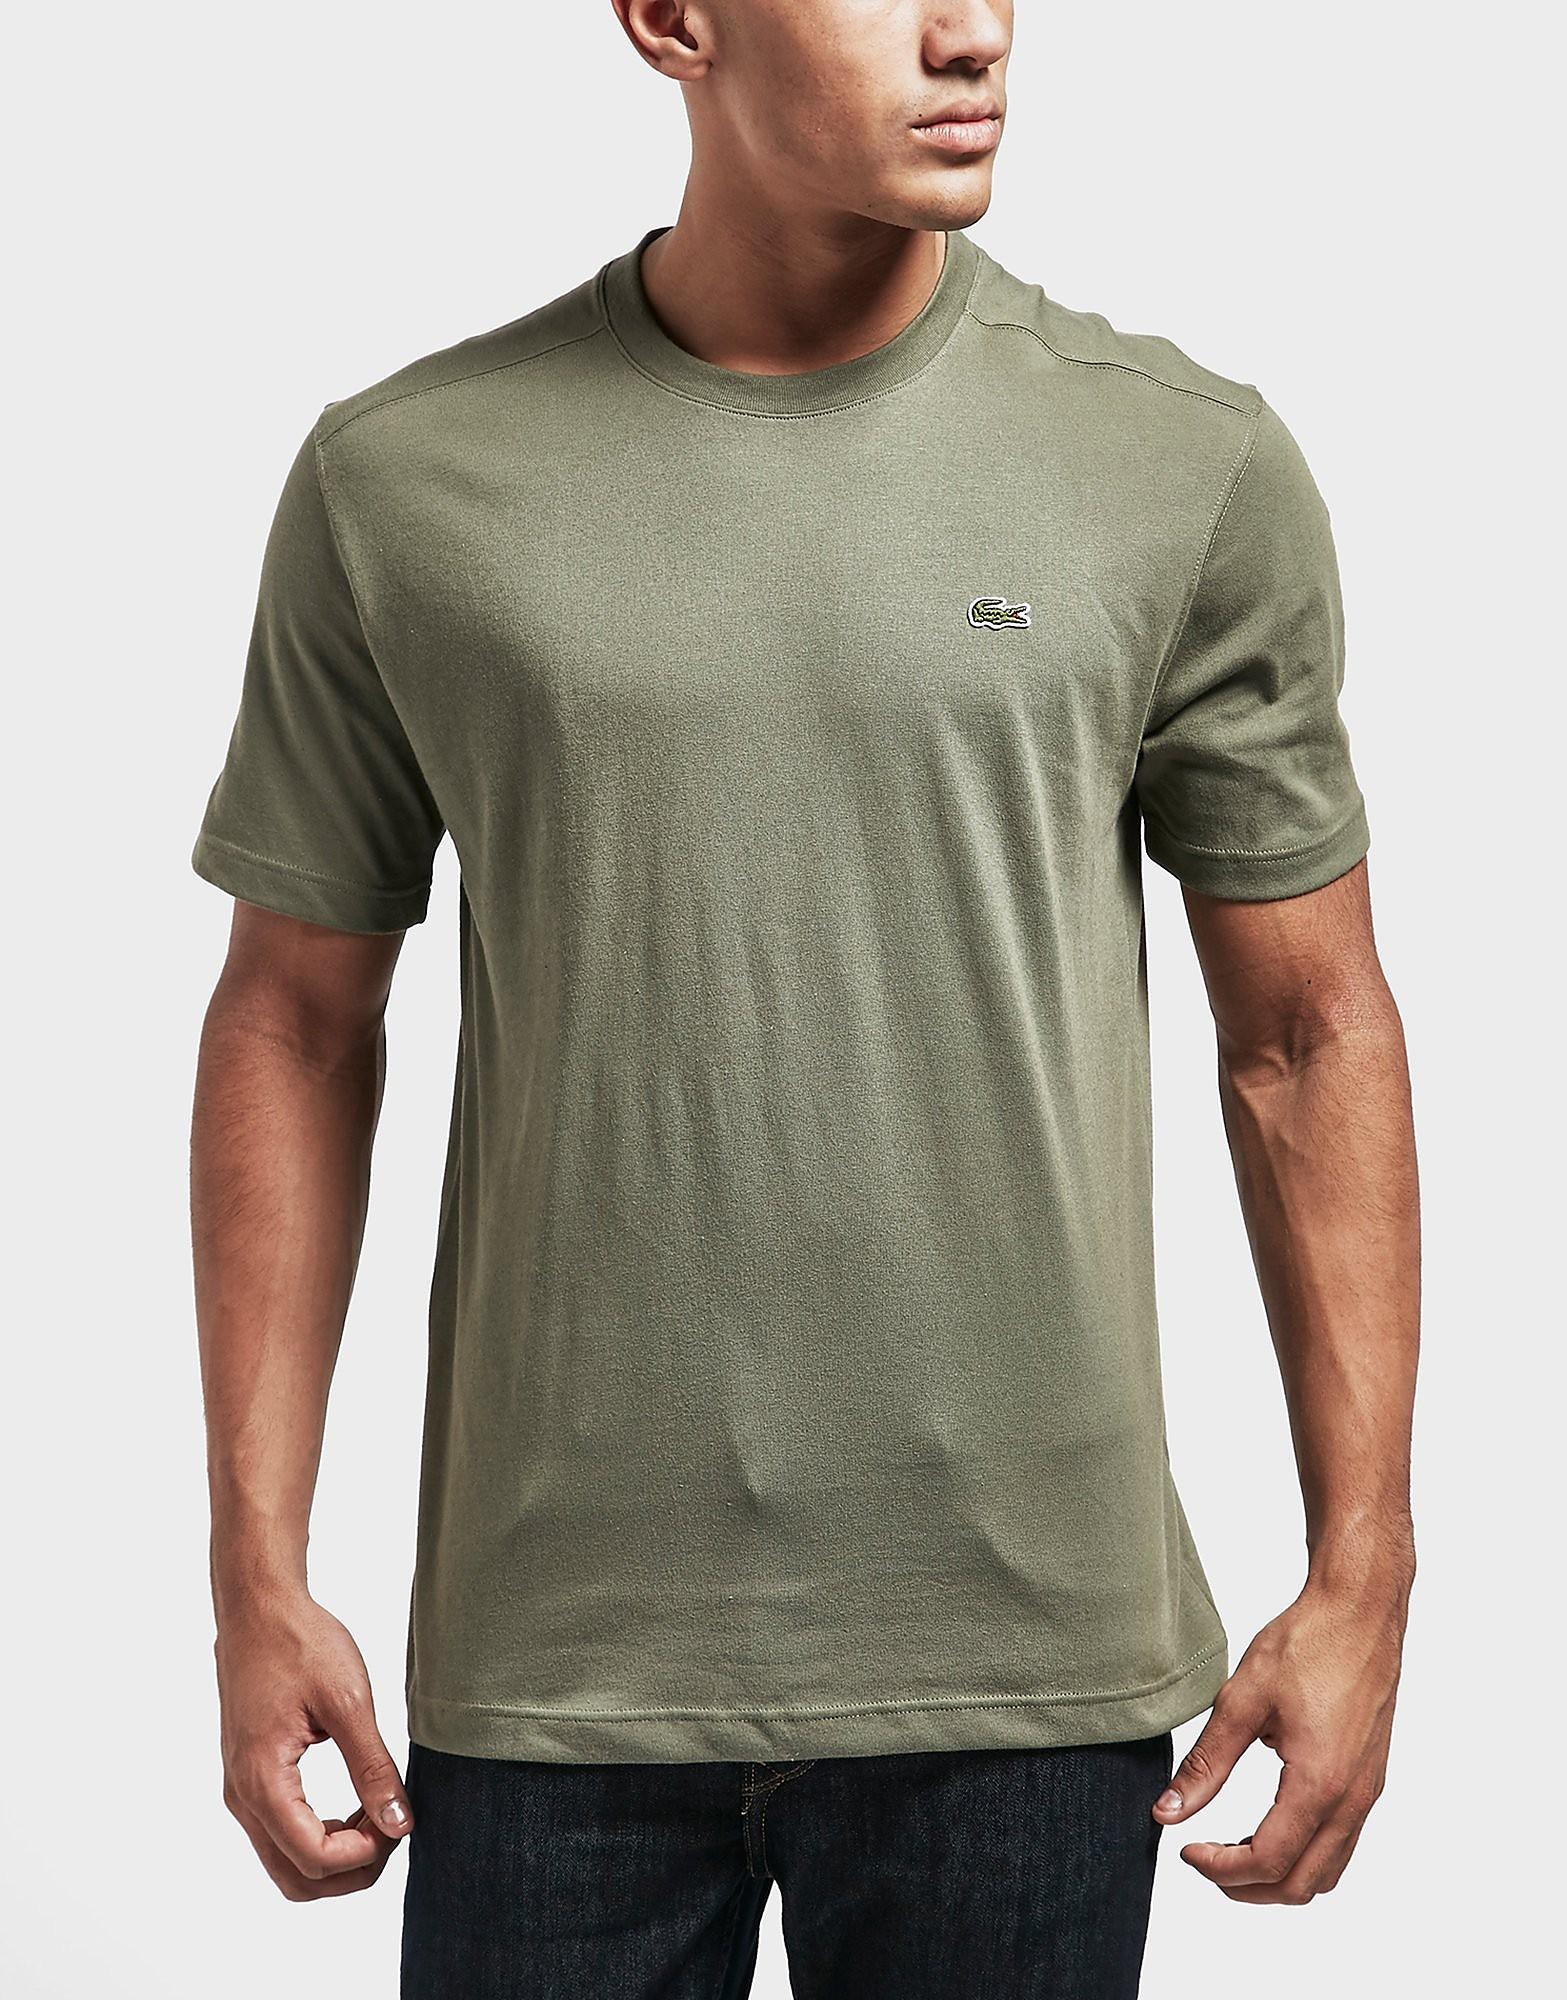 Lacoste Jersey Sweatshirt